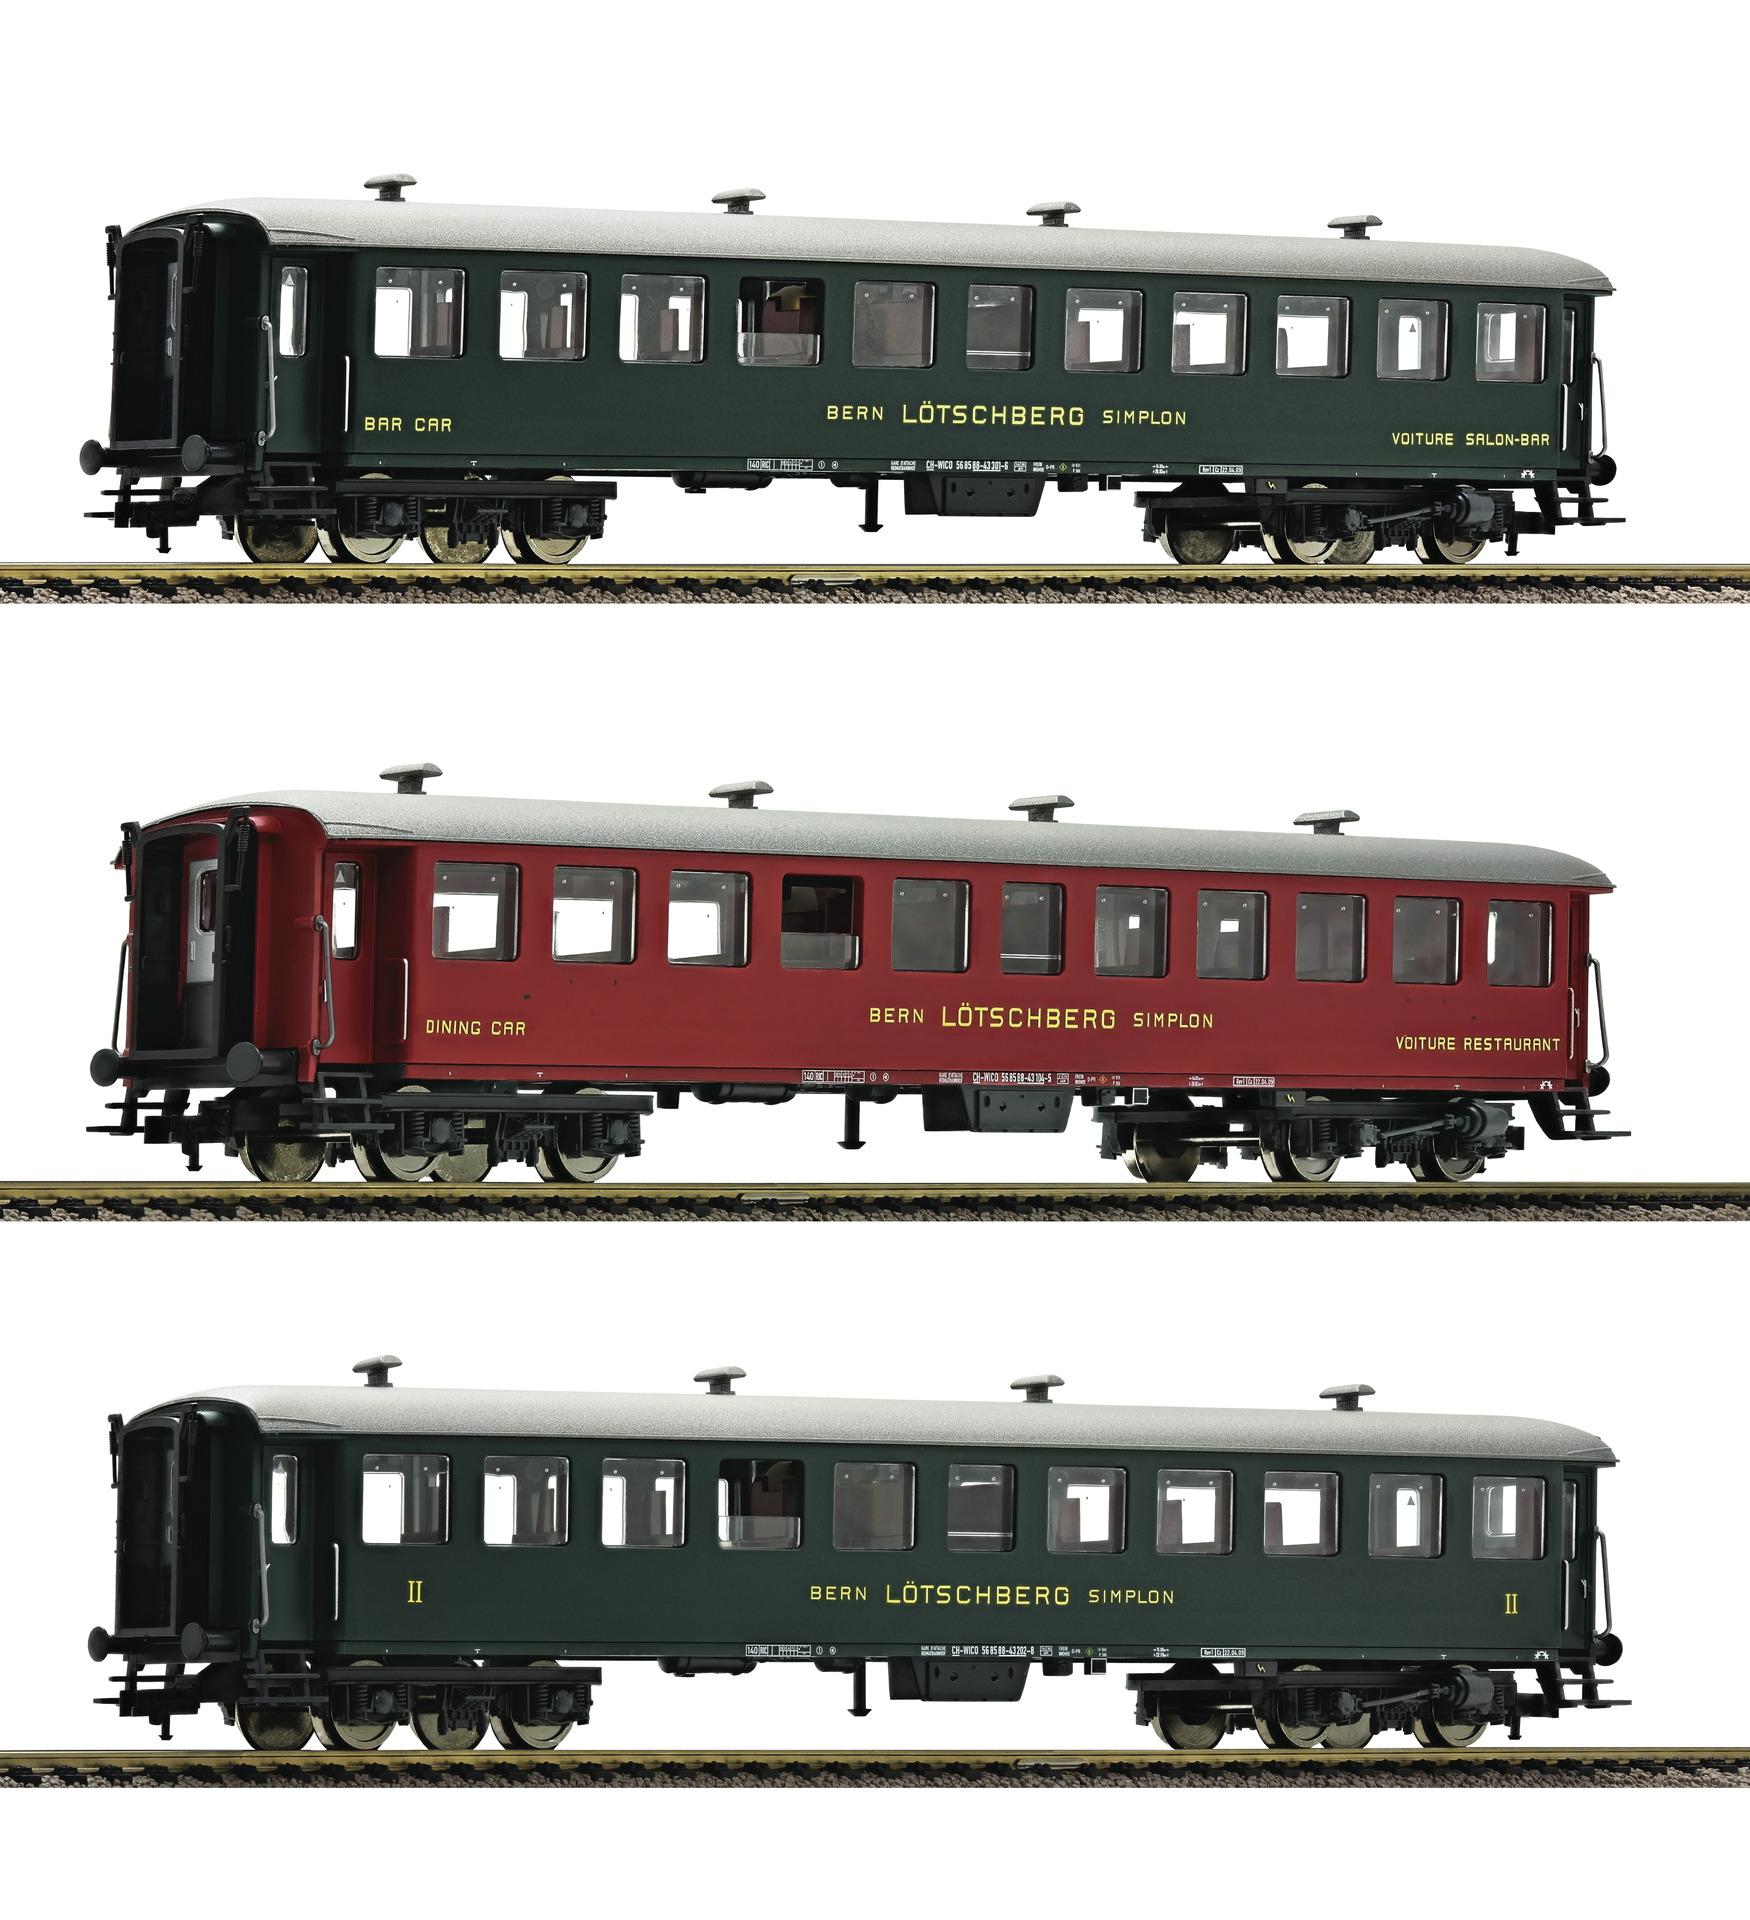 FLM513602 Swiss passenger 3 car set